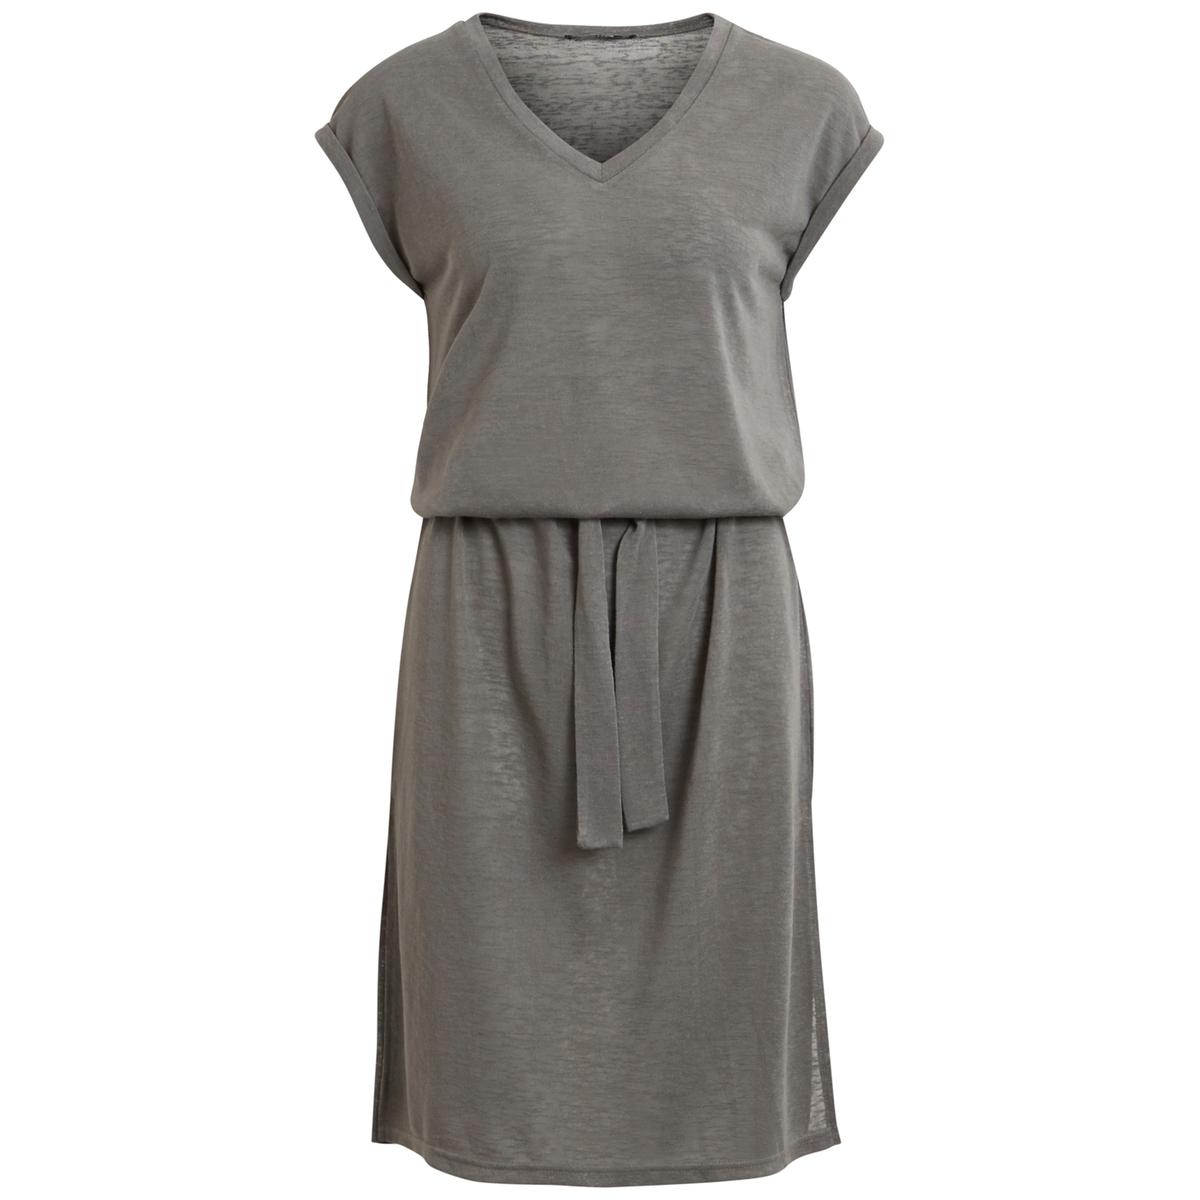 Платье с короткими рукавамиДетали  •  Форма : прямая •  Длина до колен •  Короткие рукава    •   V-образный вырез Состав и уход  •  45% вискозы, 55% полиэстера •  Следуйте рекомендациям по уходу, указанным на этикетке изделия<br><br>Цвет: серо-зеленый